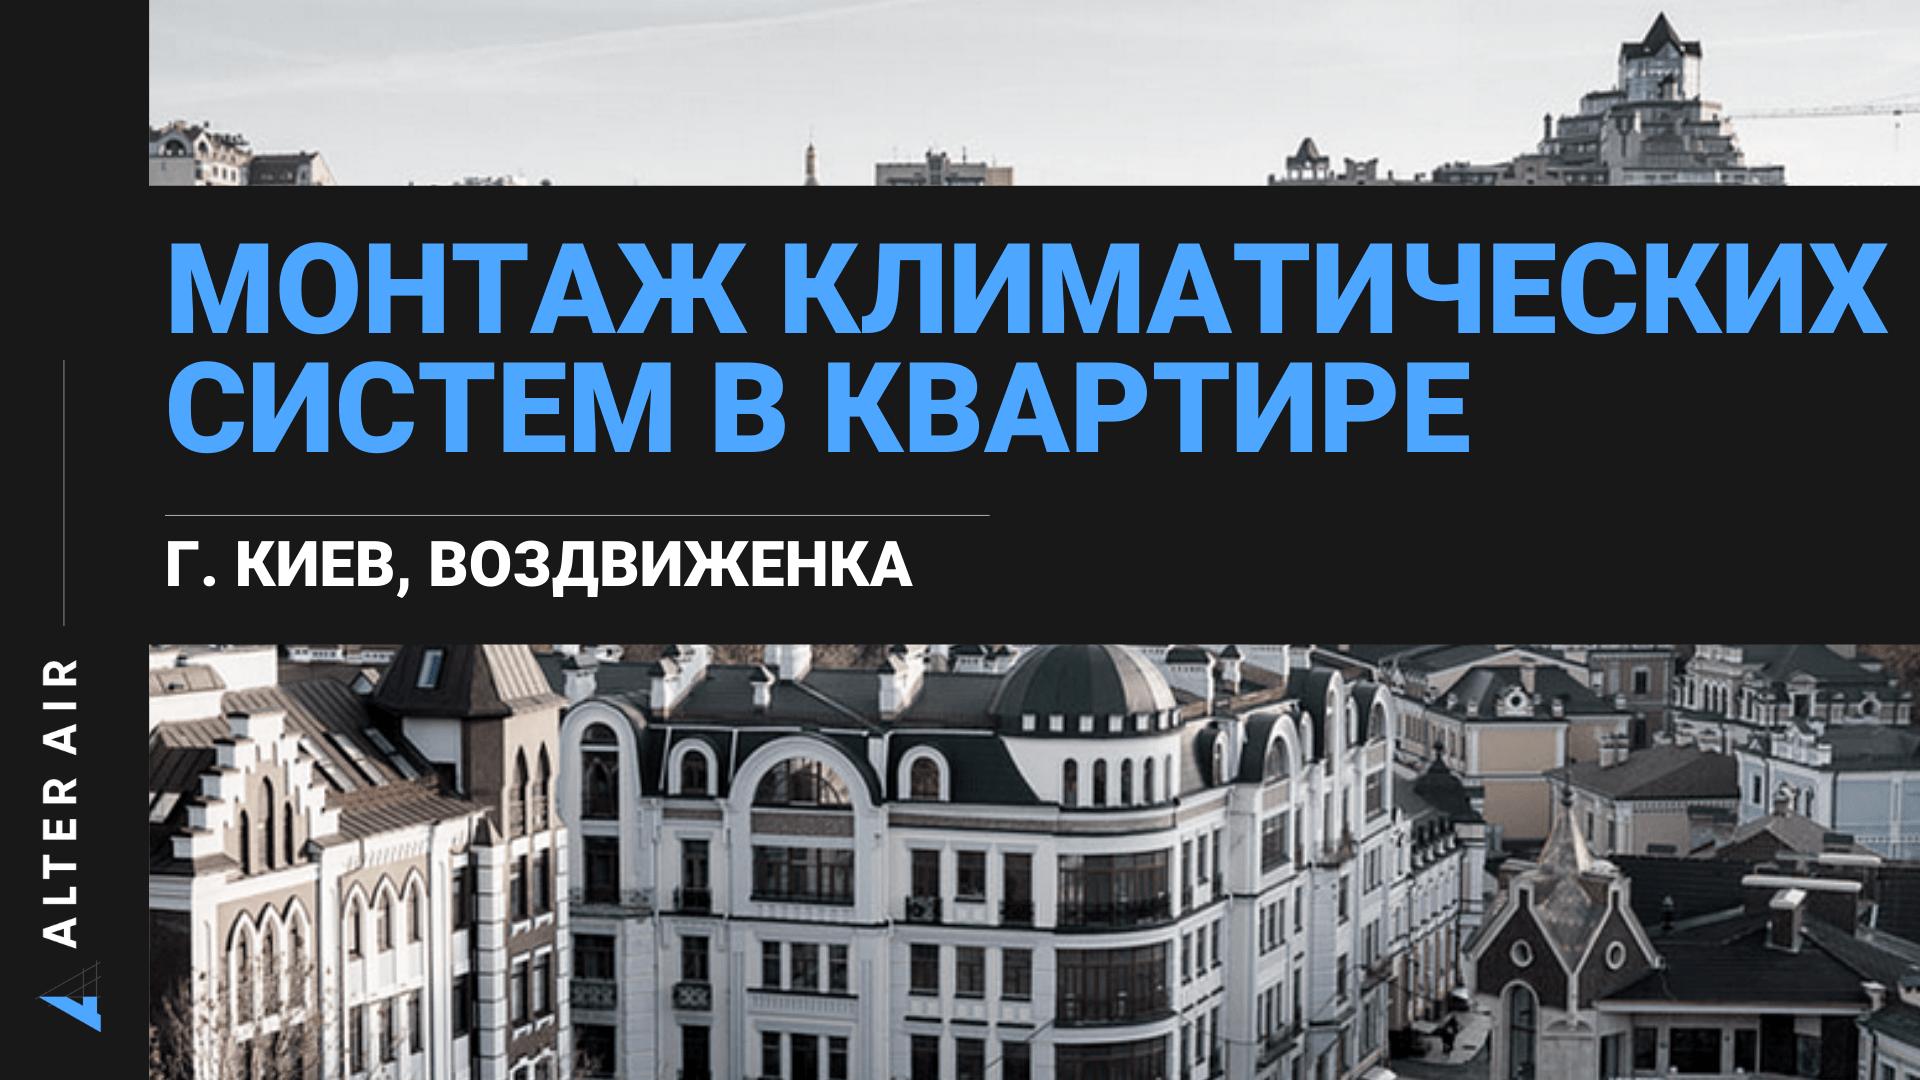 Огляд кліматичних систем у квартирі в Києві на базі Maico WS 320 KB, Daikin